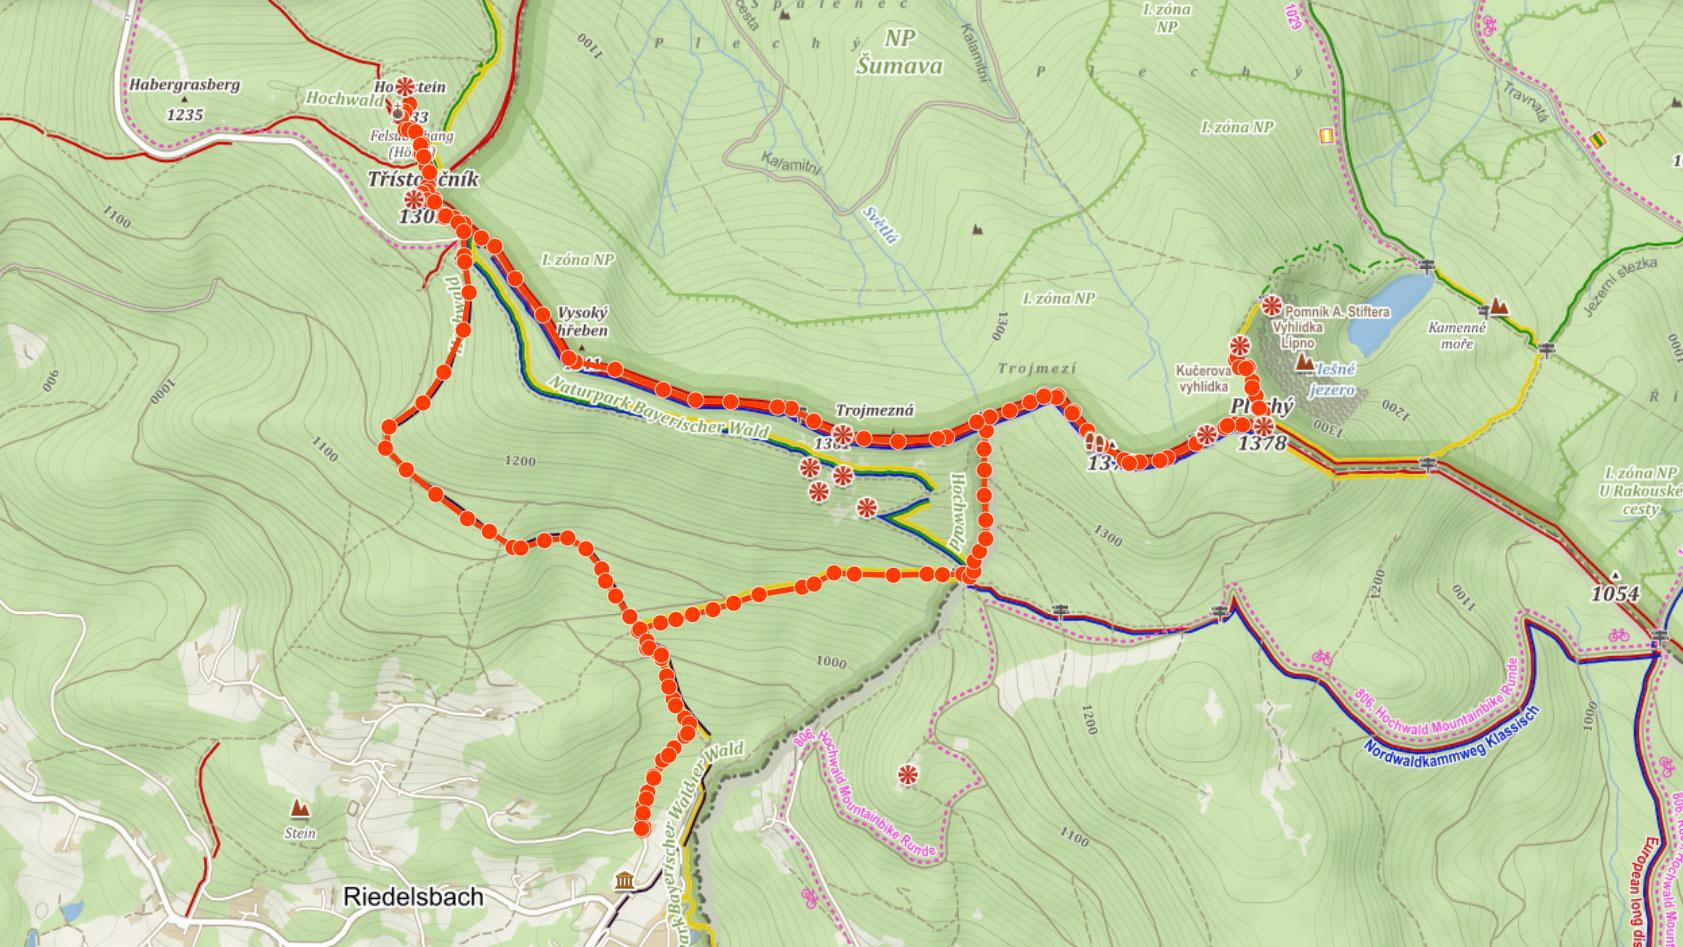 Trasa na Plechý, Trojmezí, Třístoličník a Hochstein na Šumavě